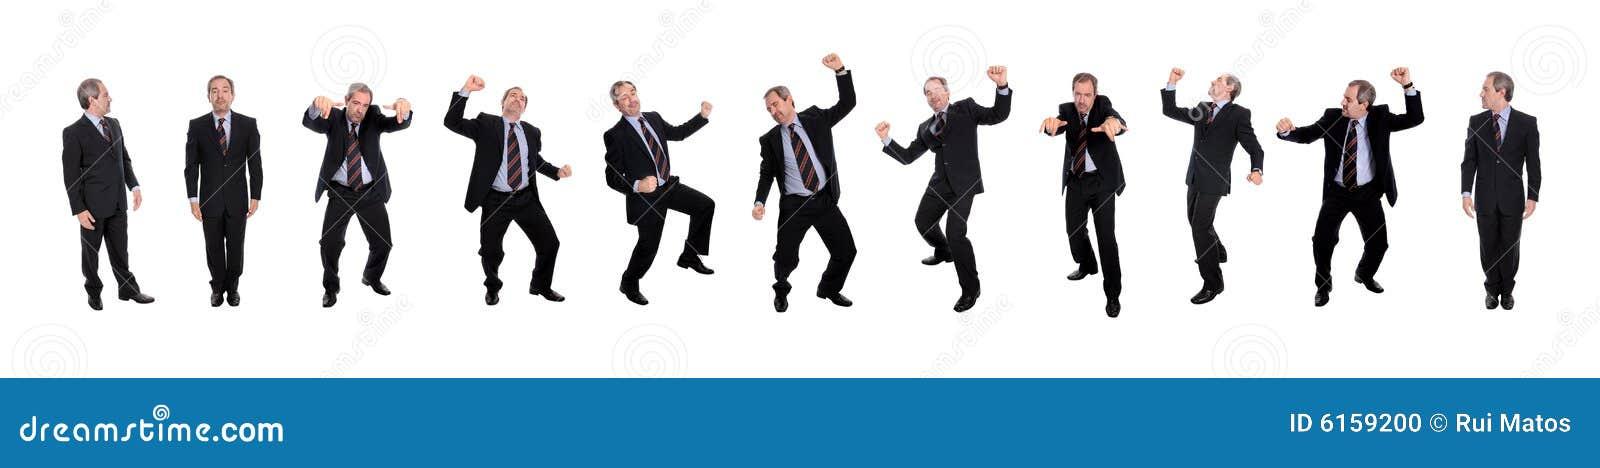 Grupo de hombres de negocios felices